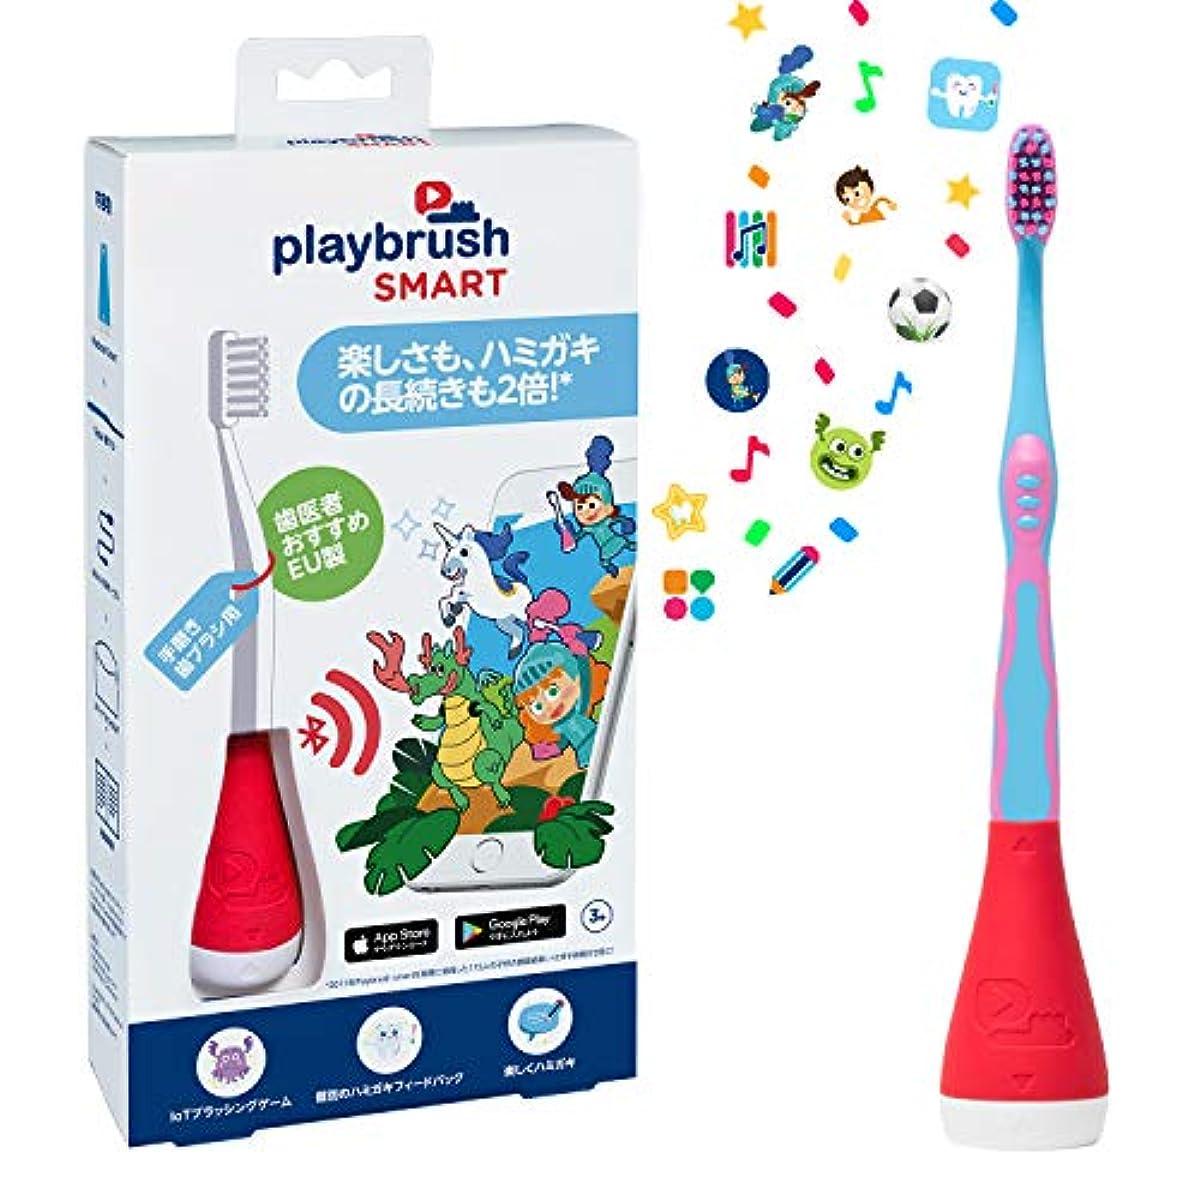 ブルーベル逸脱プレミアム【ヨーロッパ製 アプリで正しいハミガキを身につけられる子供用 知育歯ブラシ】プレイブラッシュ スマート レッド◇ 普段の歯ブラシに取り付けるだけ◇ Playbrush Smart Red